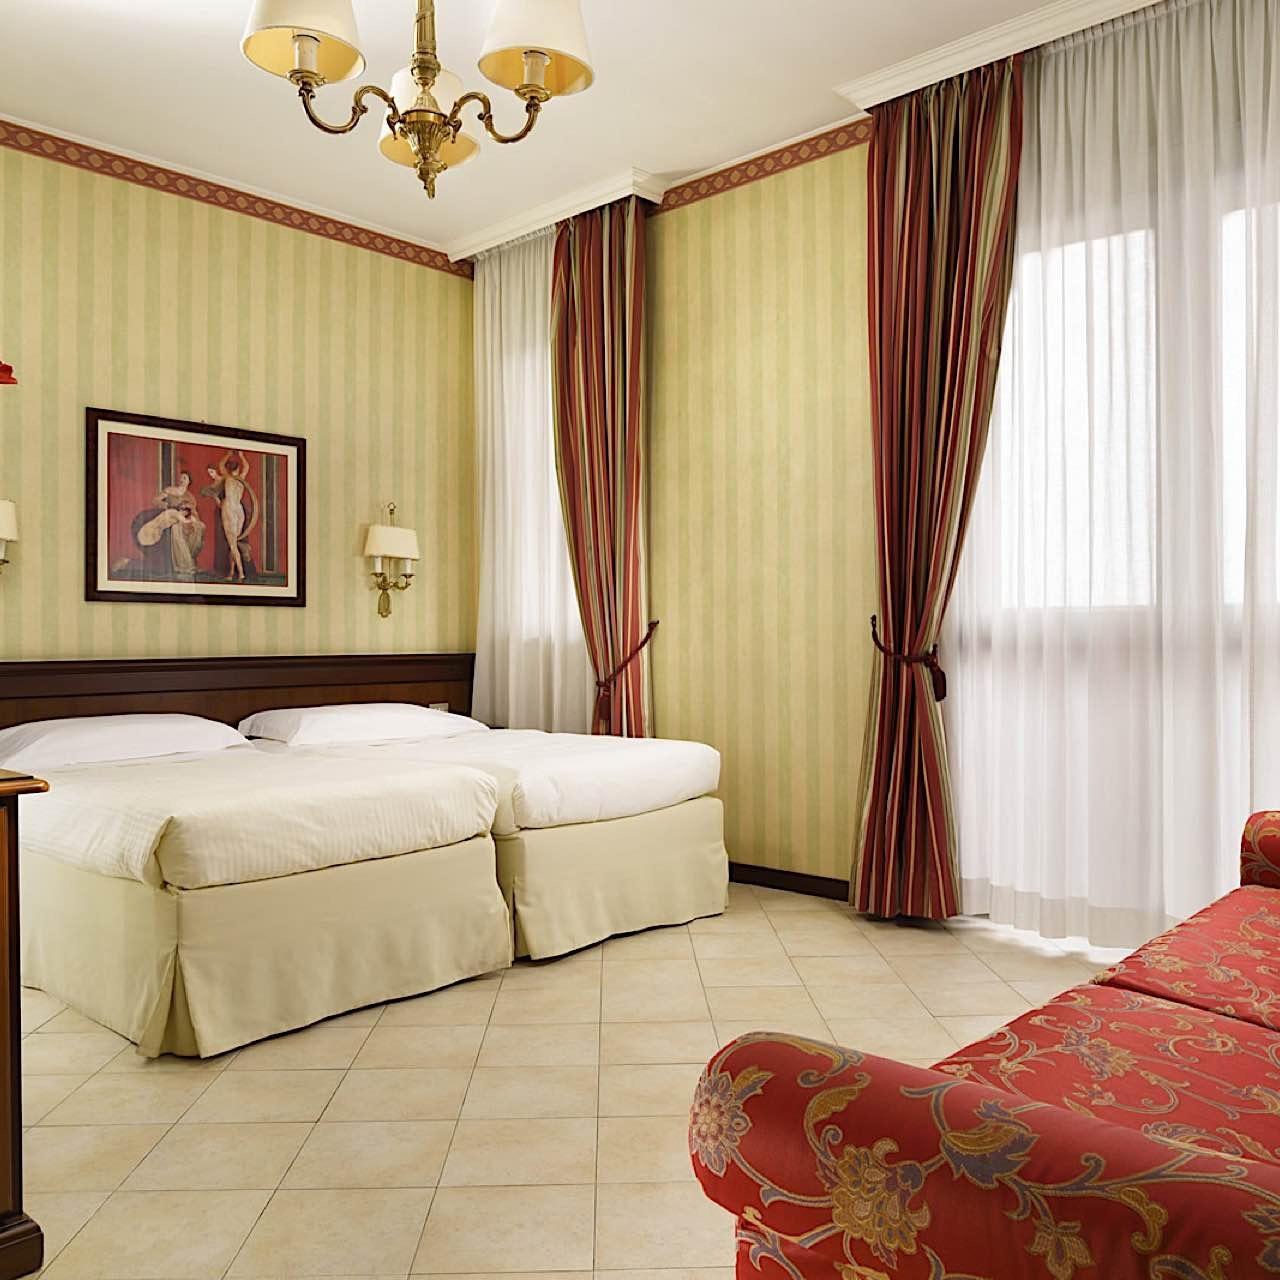 Superior Room | Contessa Jolanda Hotel & Residence Milano